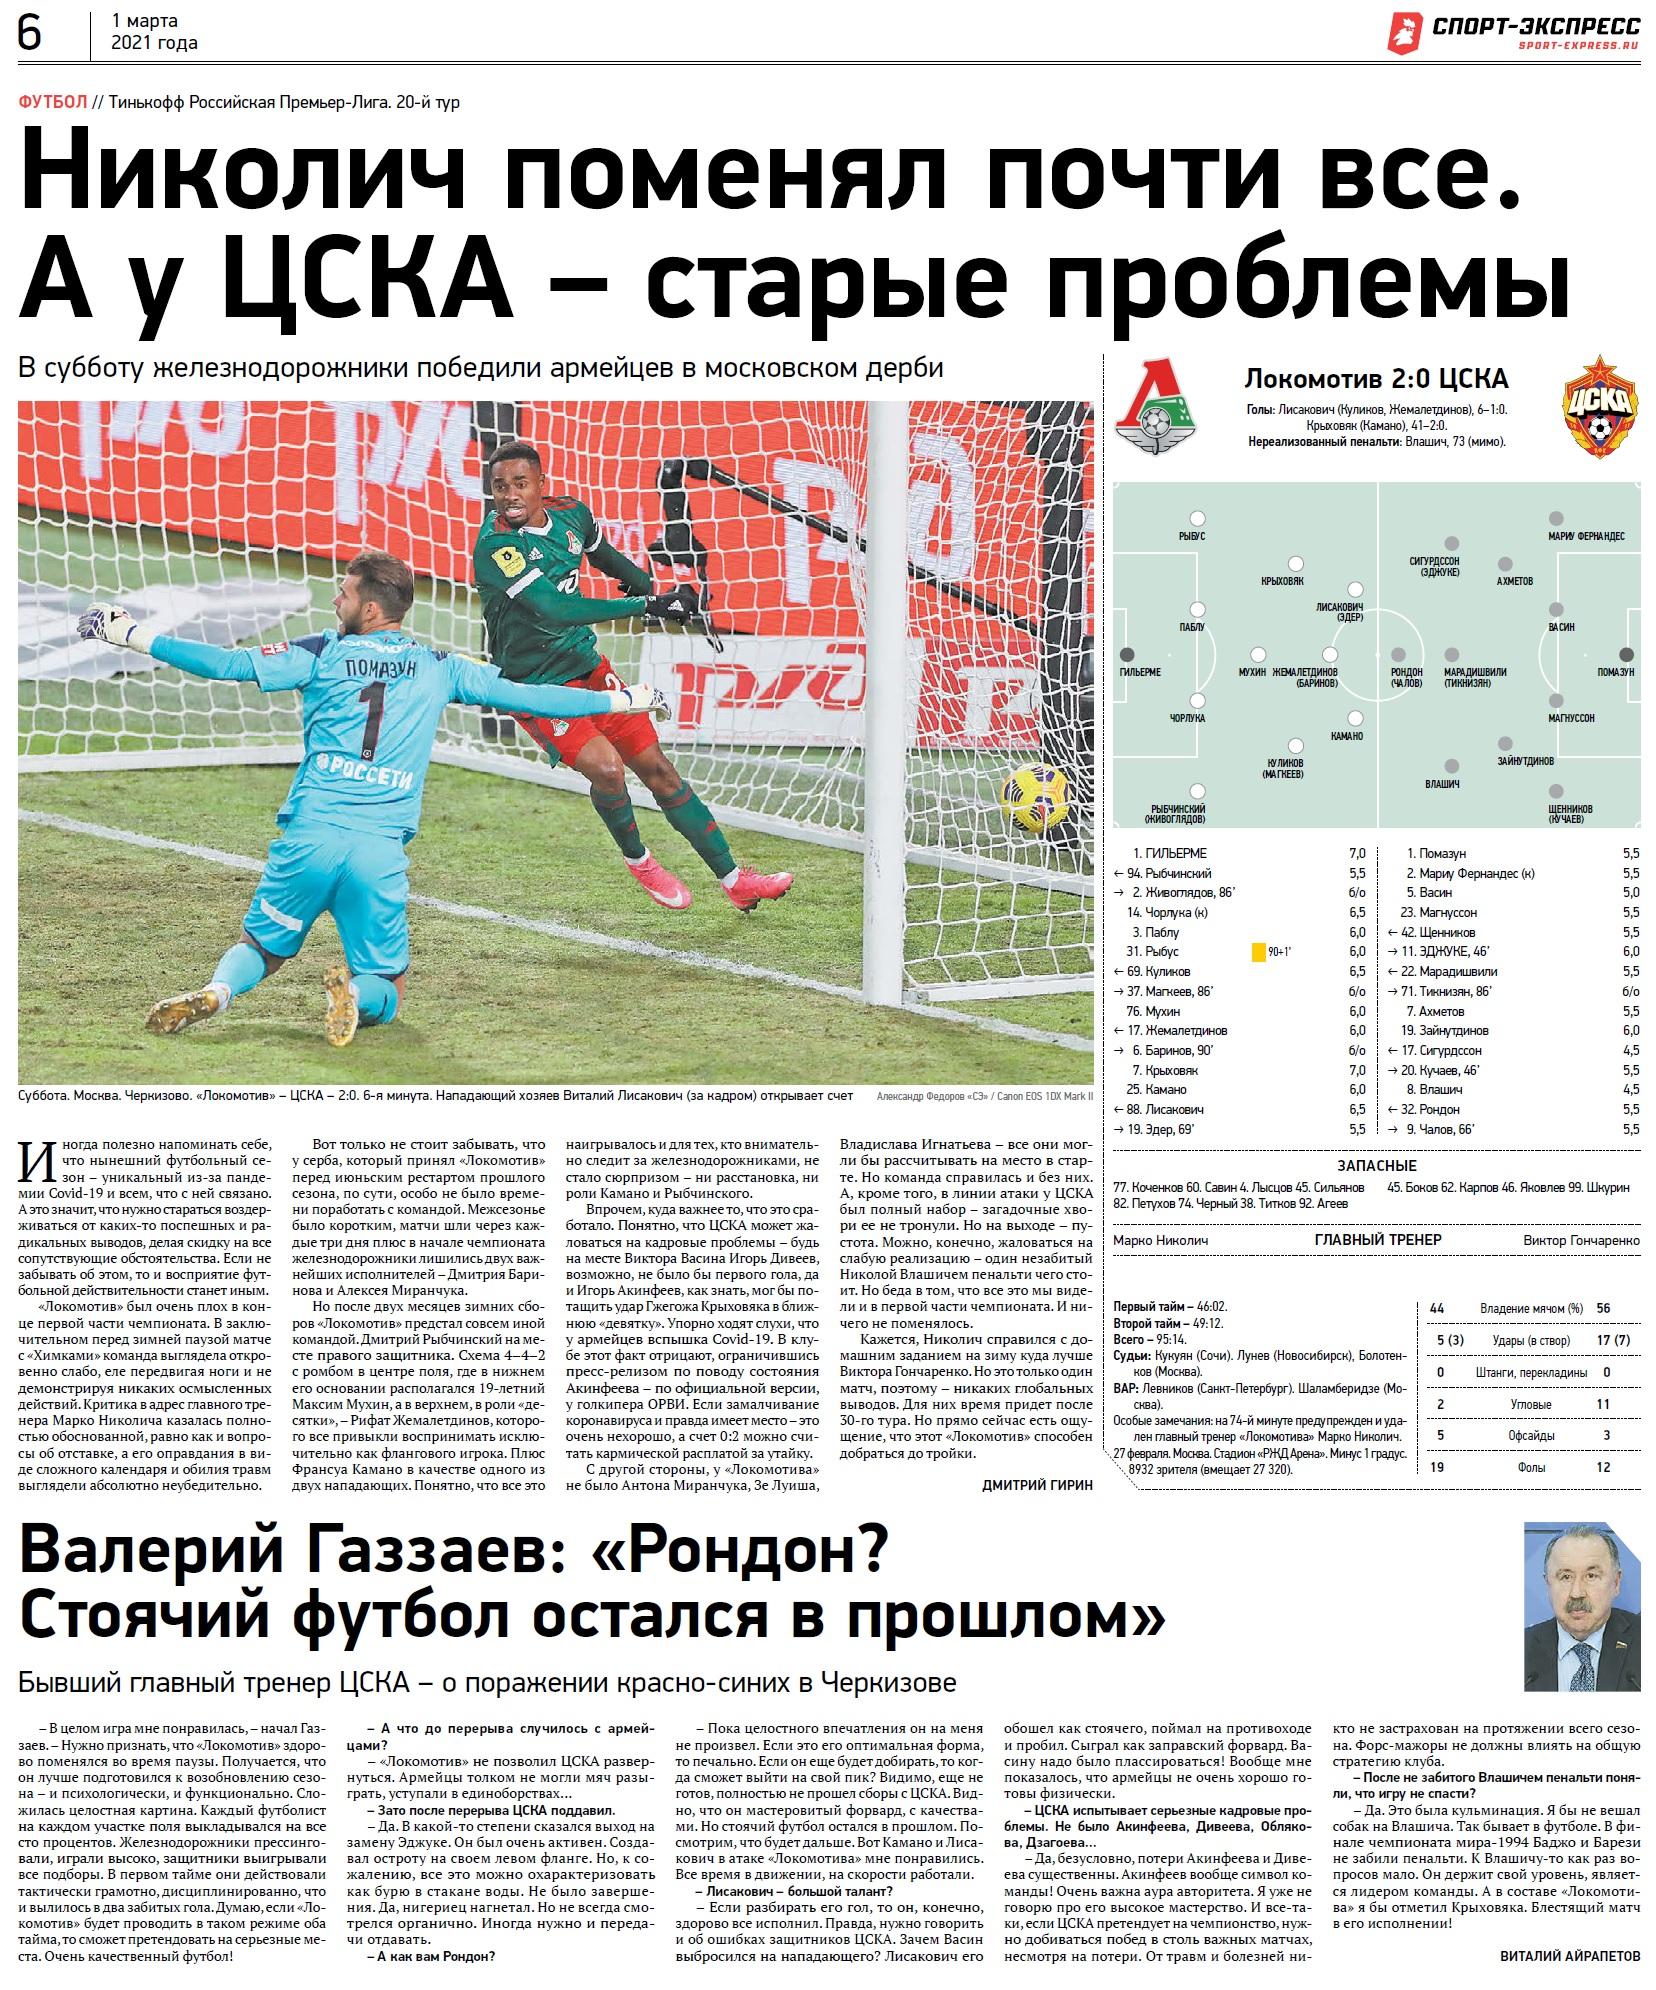 Локомотив (Москва) - ЦСКА (Москва) 2:0. Нажмите, чтобы посмотреть истинный размер рисунка